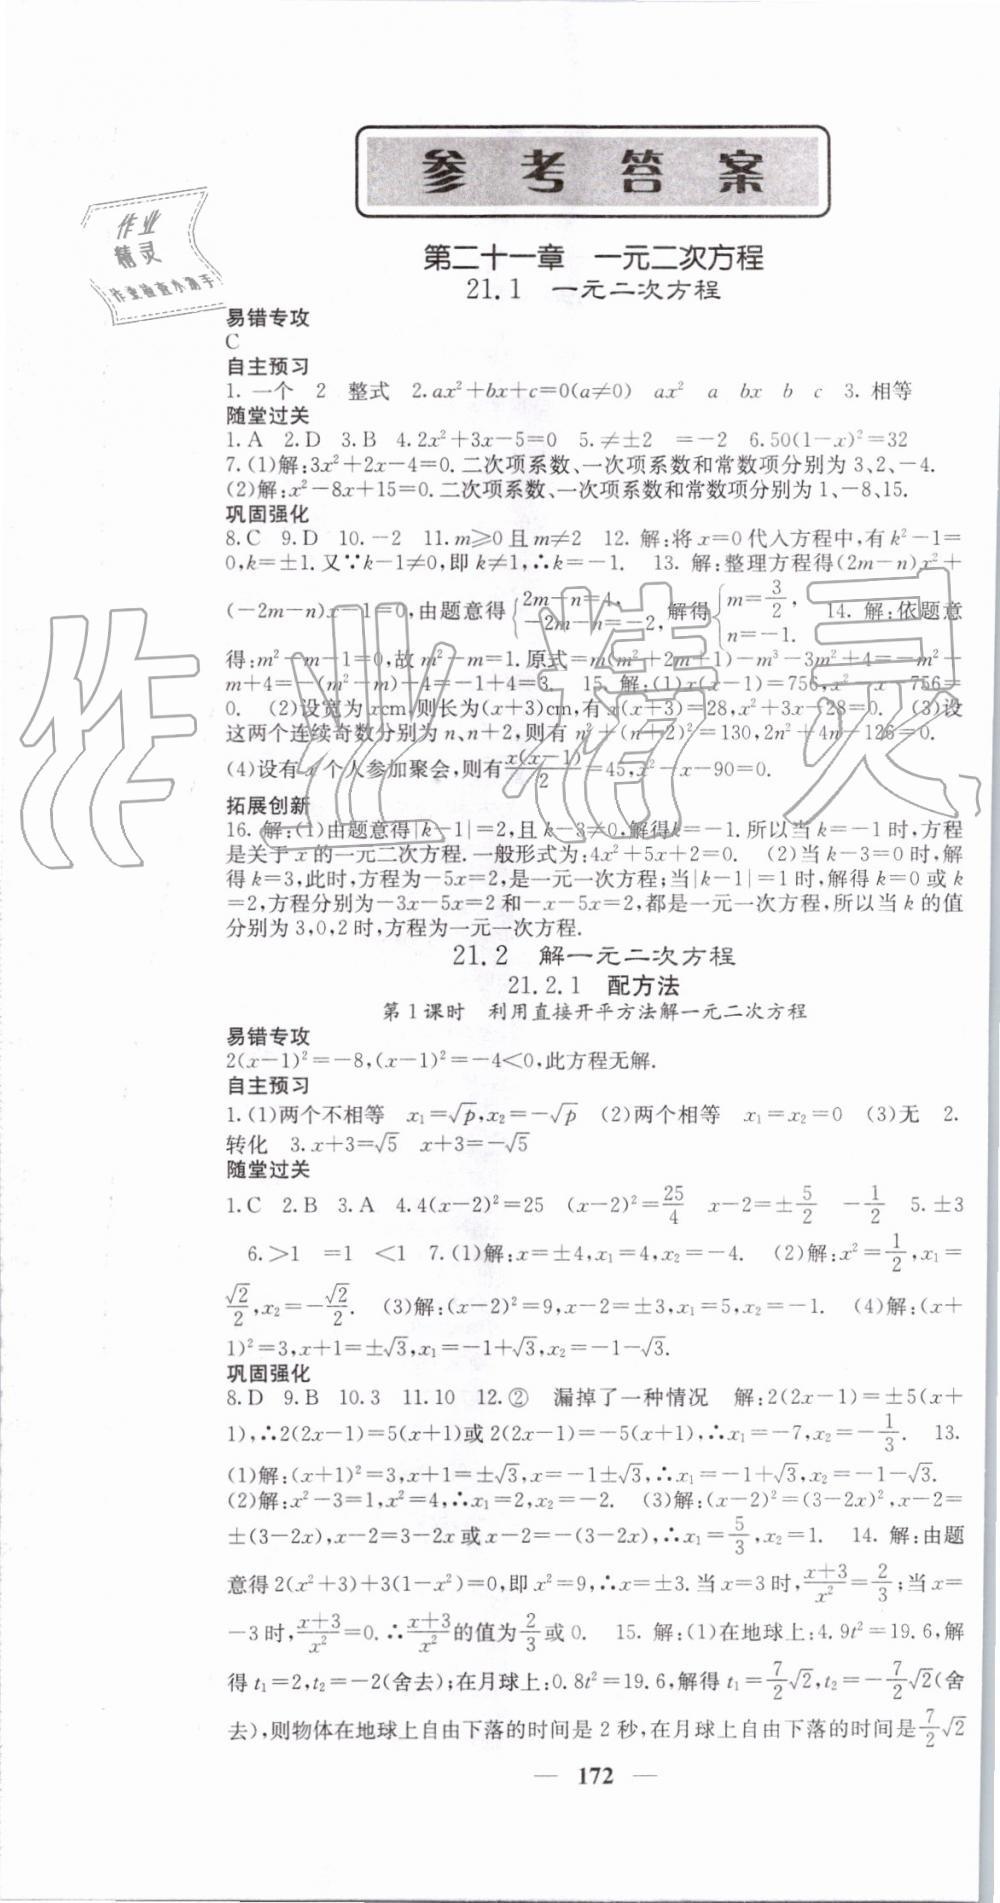 2019年课堂点睛九年级数学上册人教版第1页